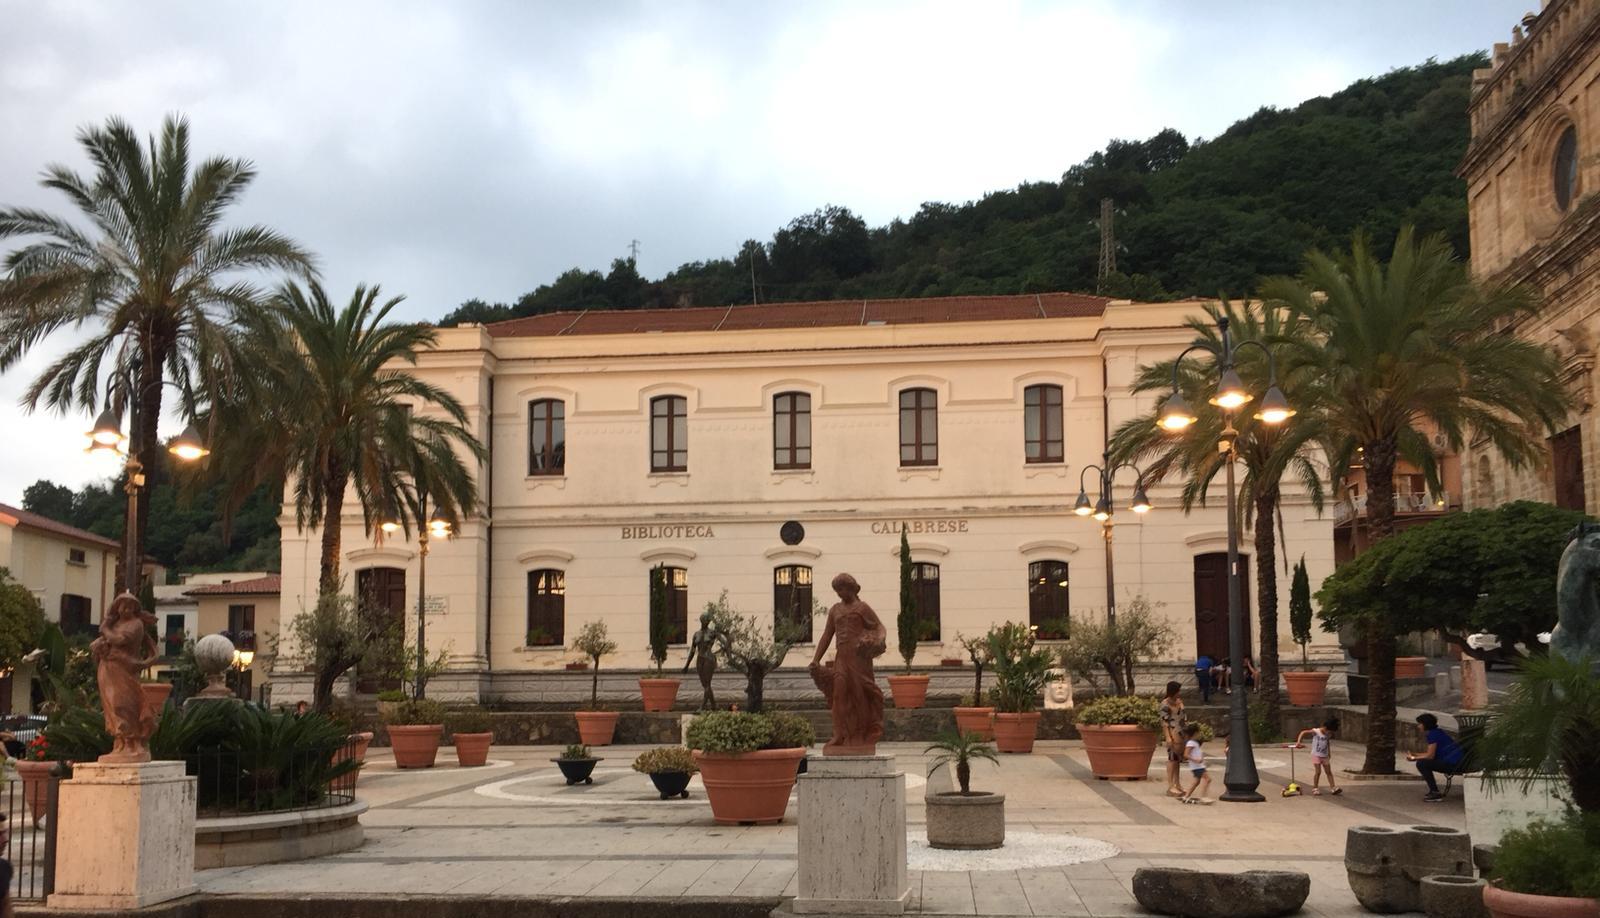 Biblioteca Calabrese di Soriano resta senza personaleScaduta convenzione con la Regione, rischio chiusura